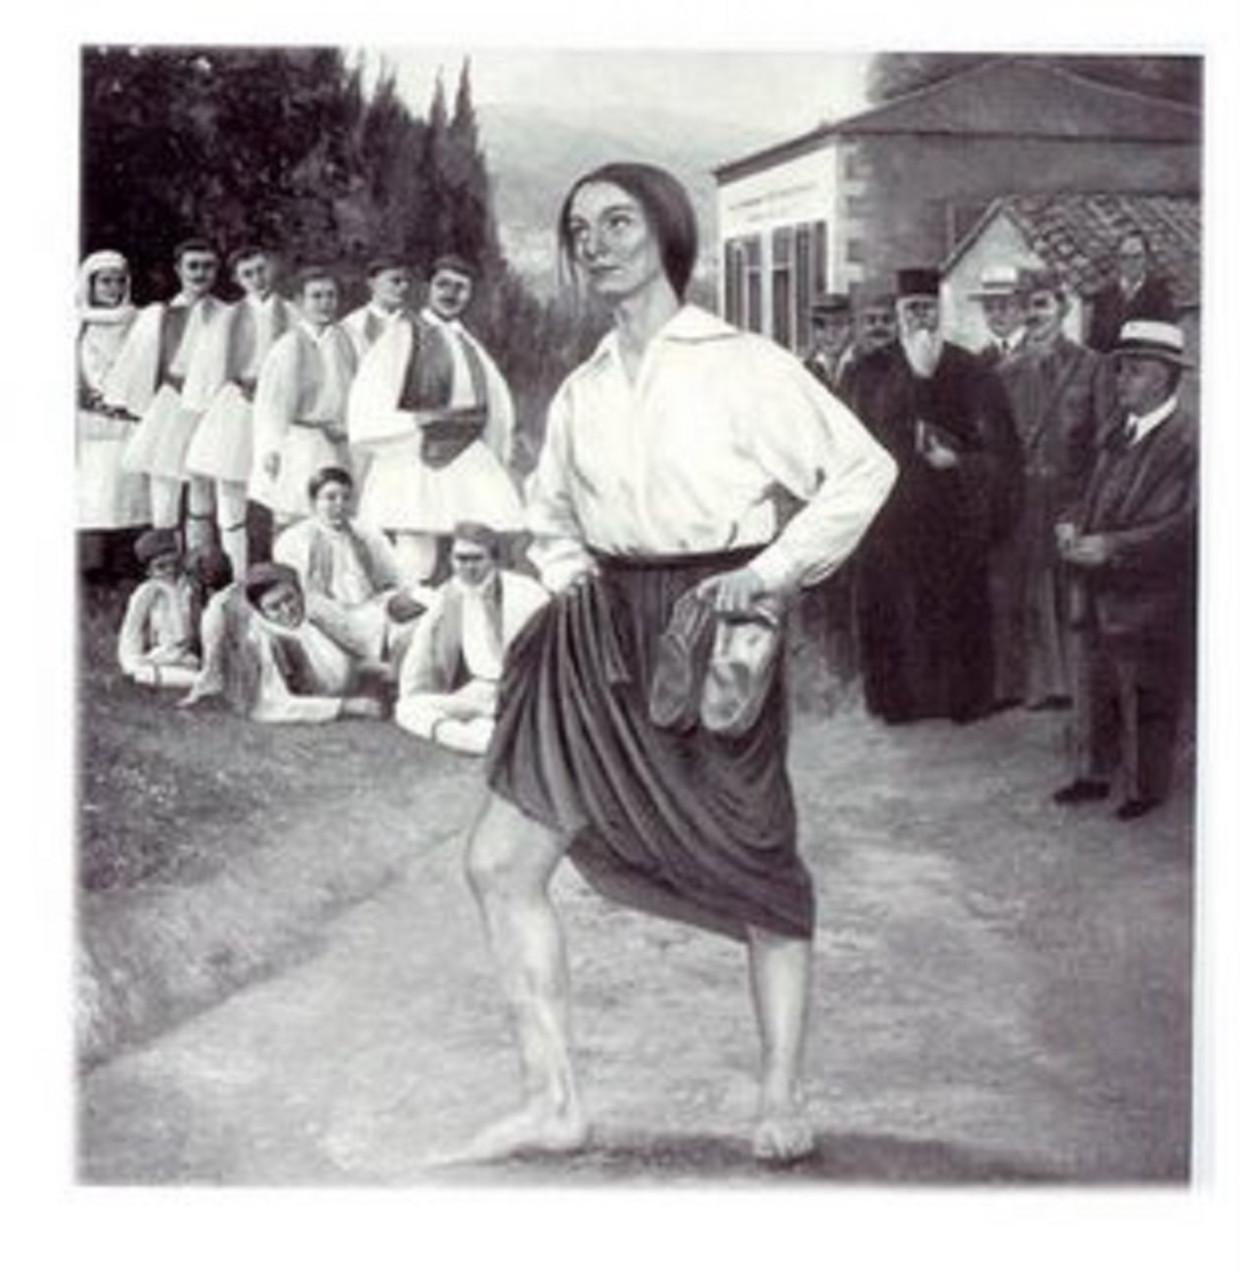 De Griekse Stamata Revithi mocht tijdens de Spelen van 1896 haar marathon één dag na de mannen lopen. Maar omdat ze een vrouw was,  mocht ze het stadion niet in voor de finish.  Beeld